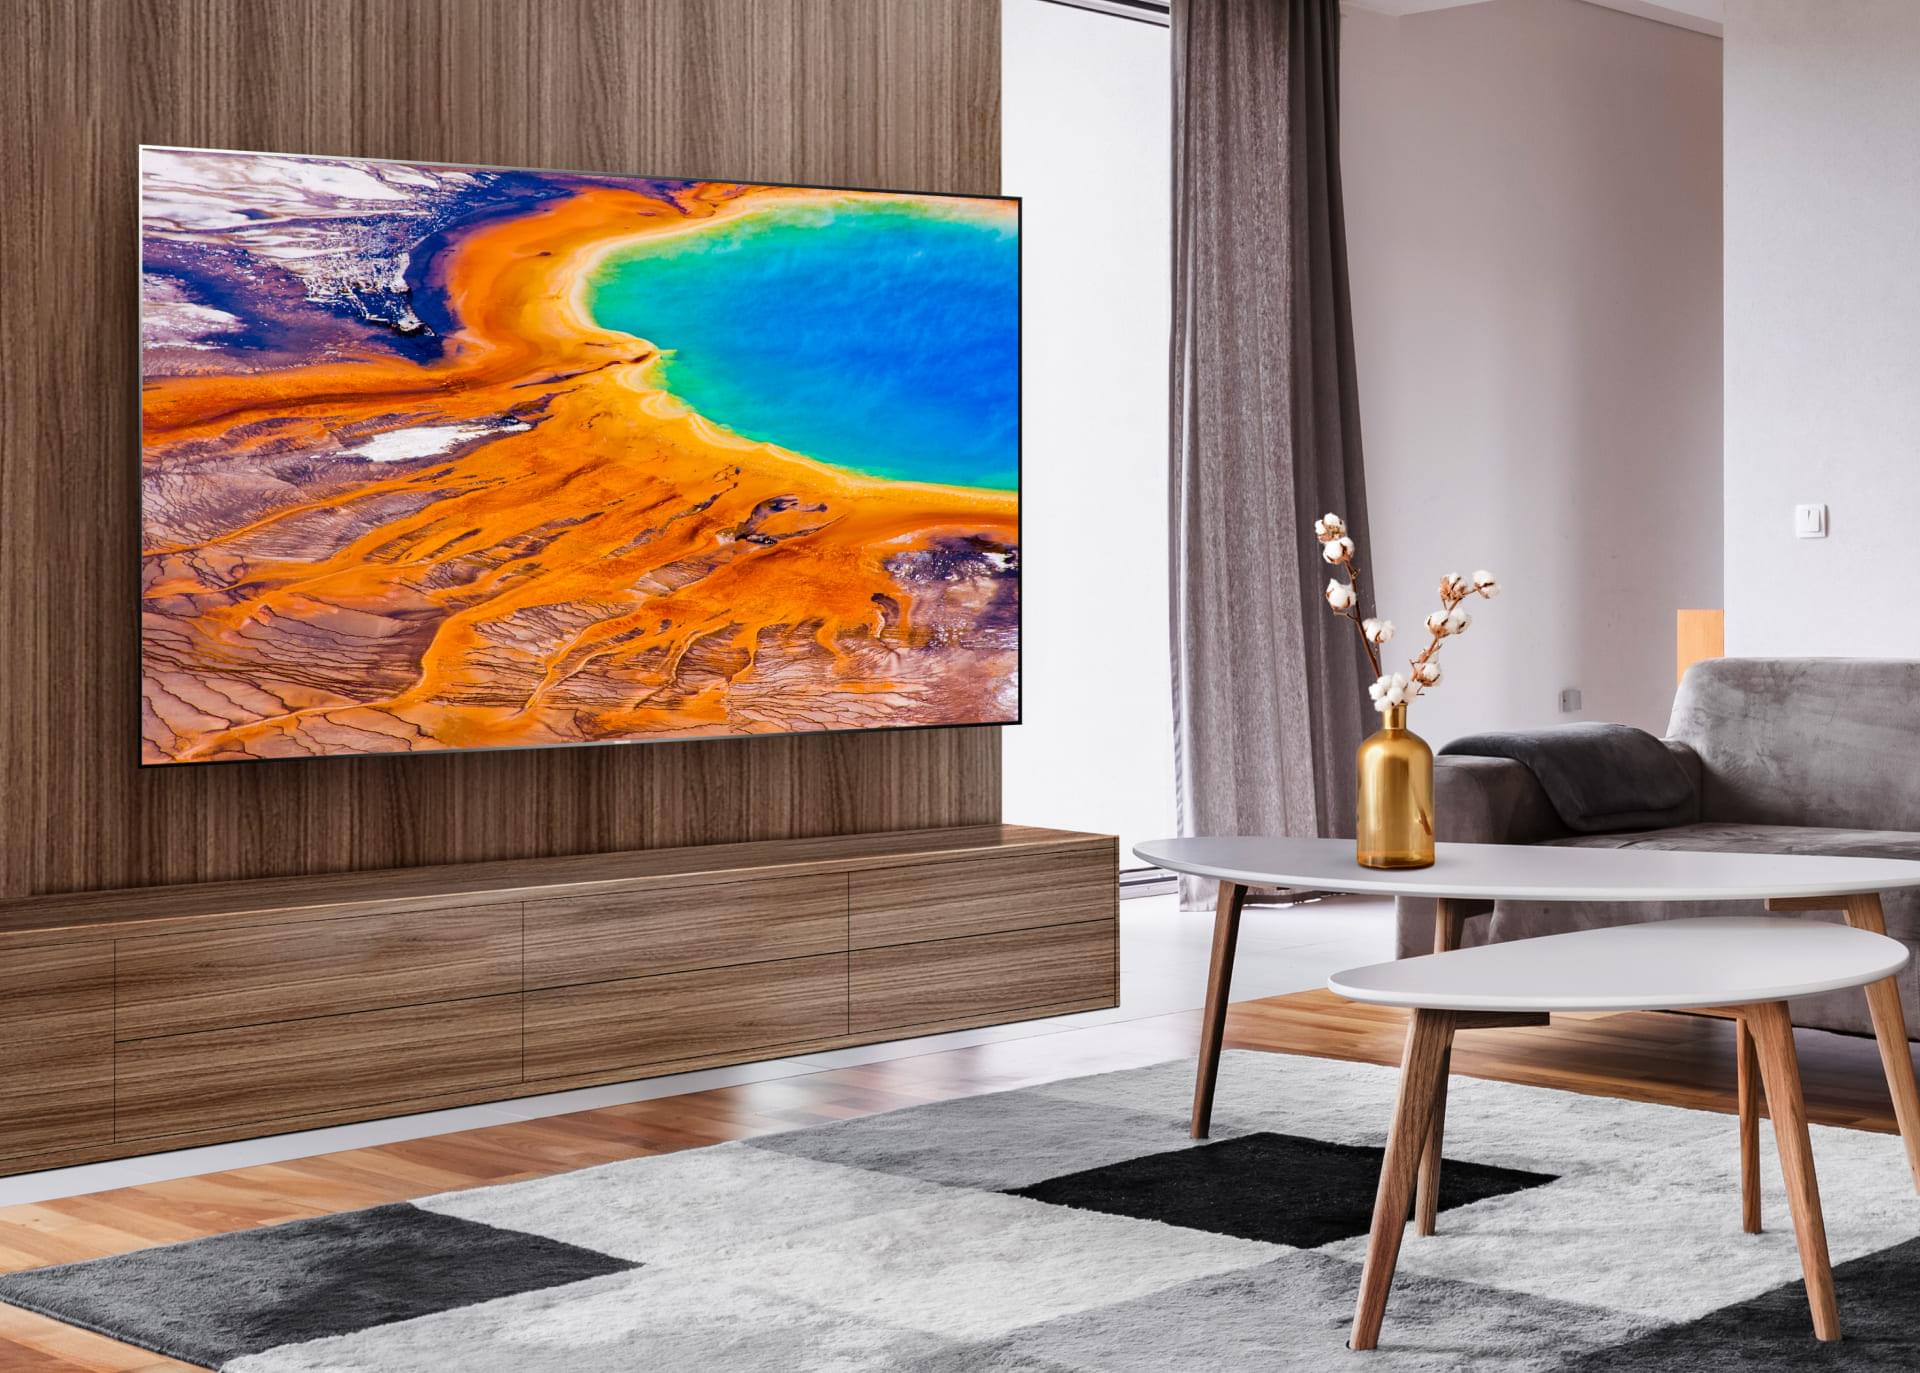 Как выбрать телевизор для дома - недорогой и хороший